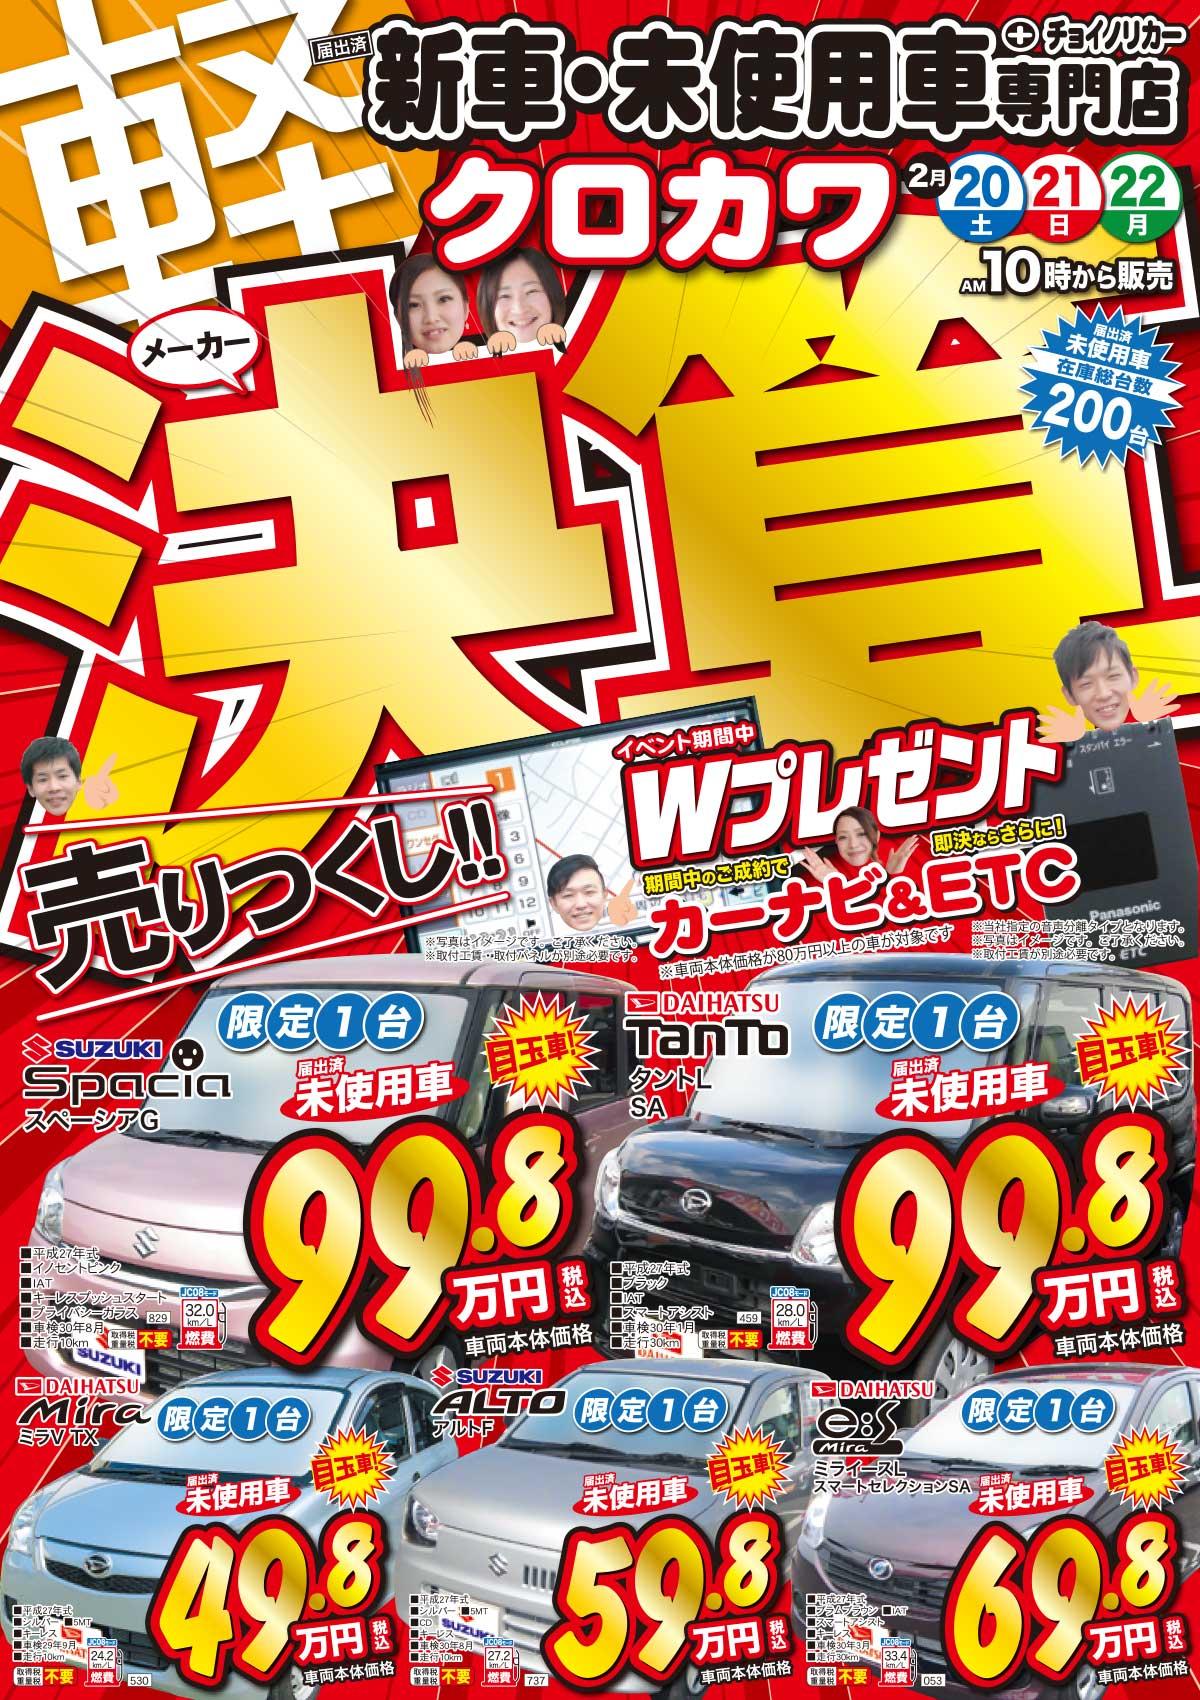 メーカー決算売りつくし!!カーナビ&ETC ダブルプレゼント!